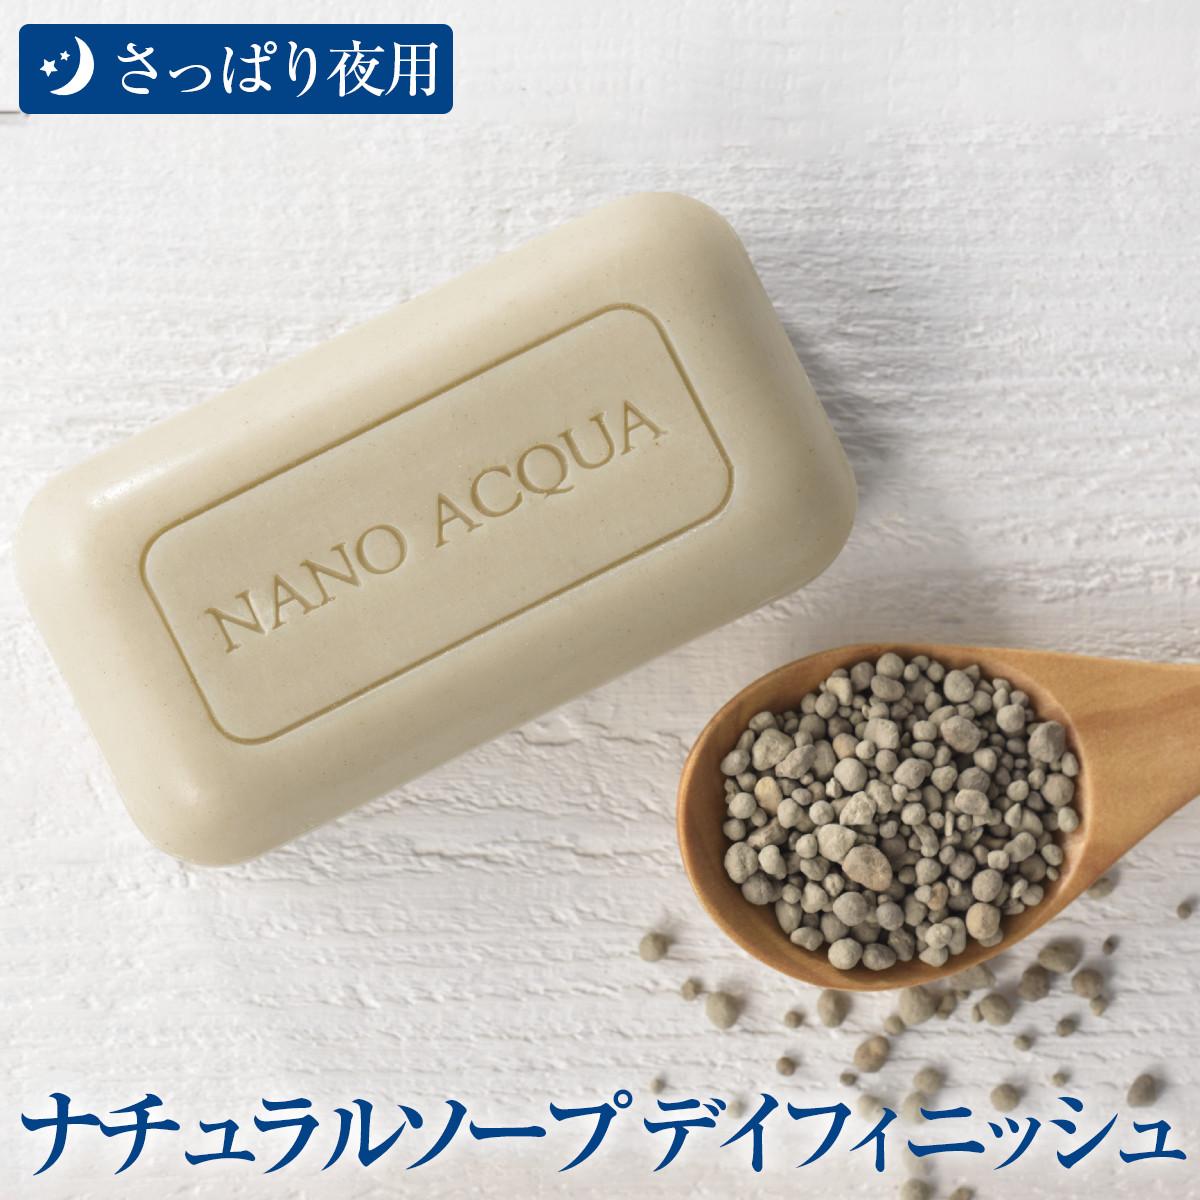 フェヴリナ / ナノアクア ナチュラルソープ デイフィニッシュ 100g フェブリナ 完全無添加 石鹸 美容液 洗顔石鹸 夜用 さっぱり 吸着力